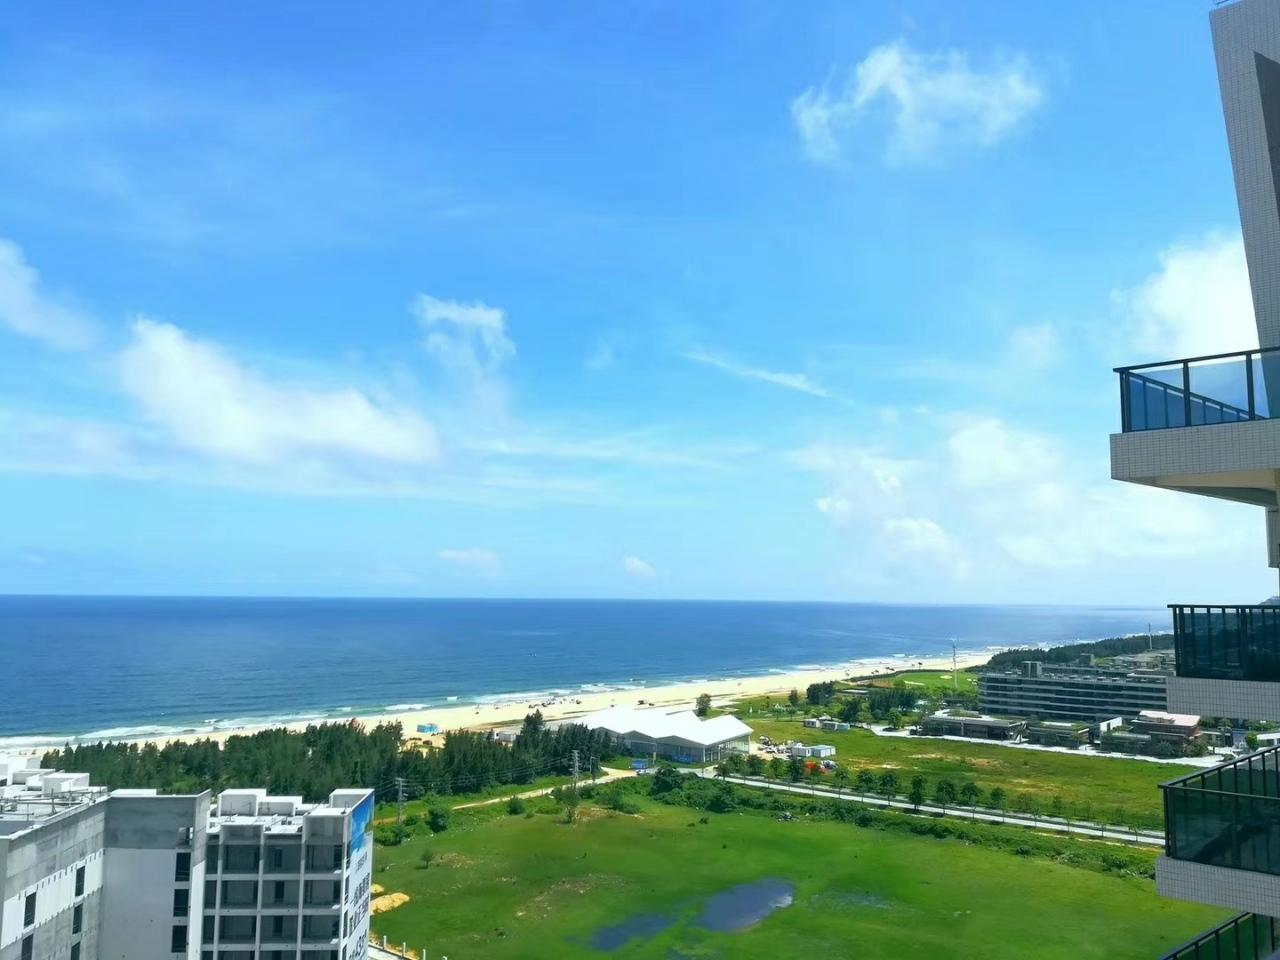 外地戶口可以購買首付16萬買一線海景房